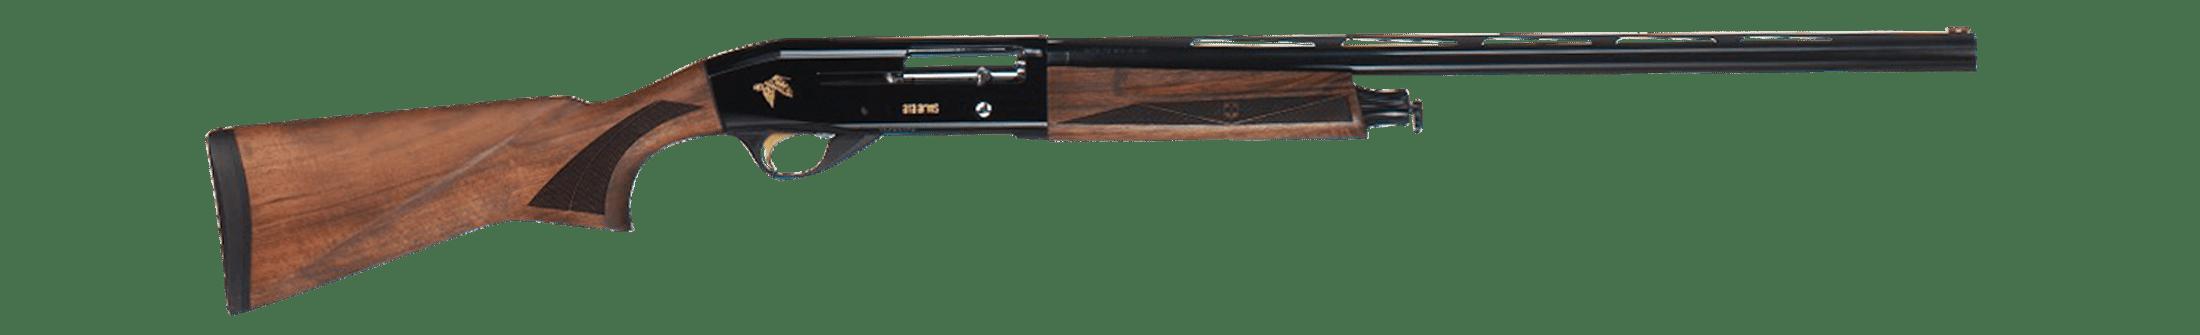 Гладкоствольное ружье Ата Армс Нео 12 турецкого производства